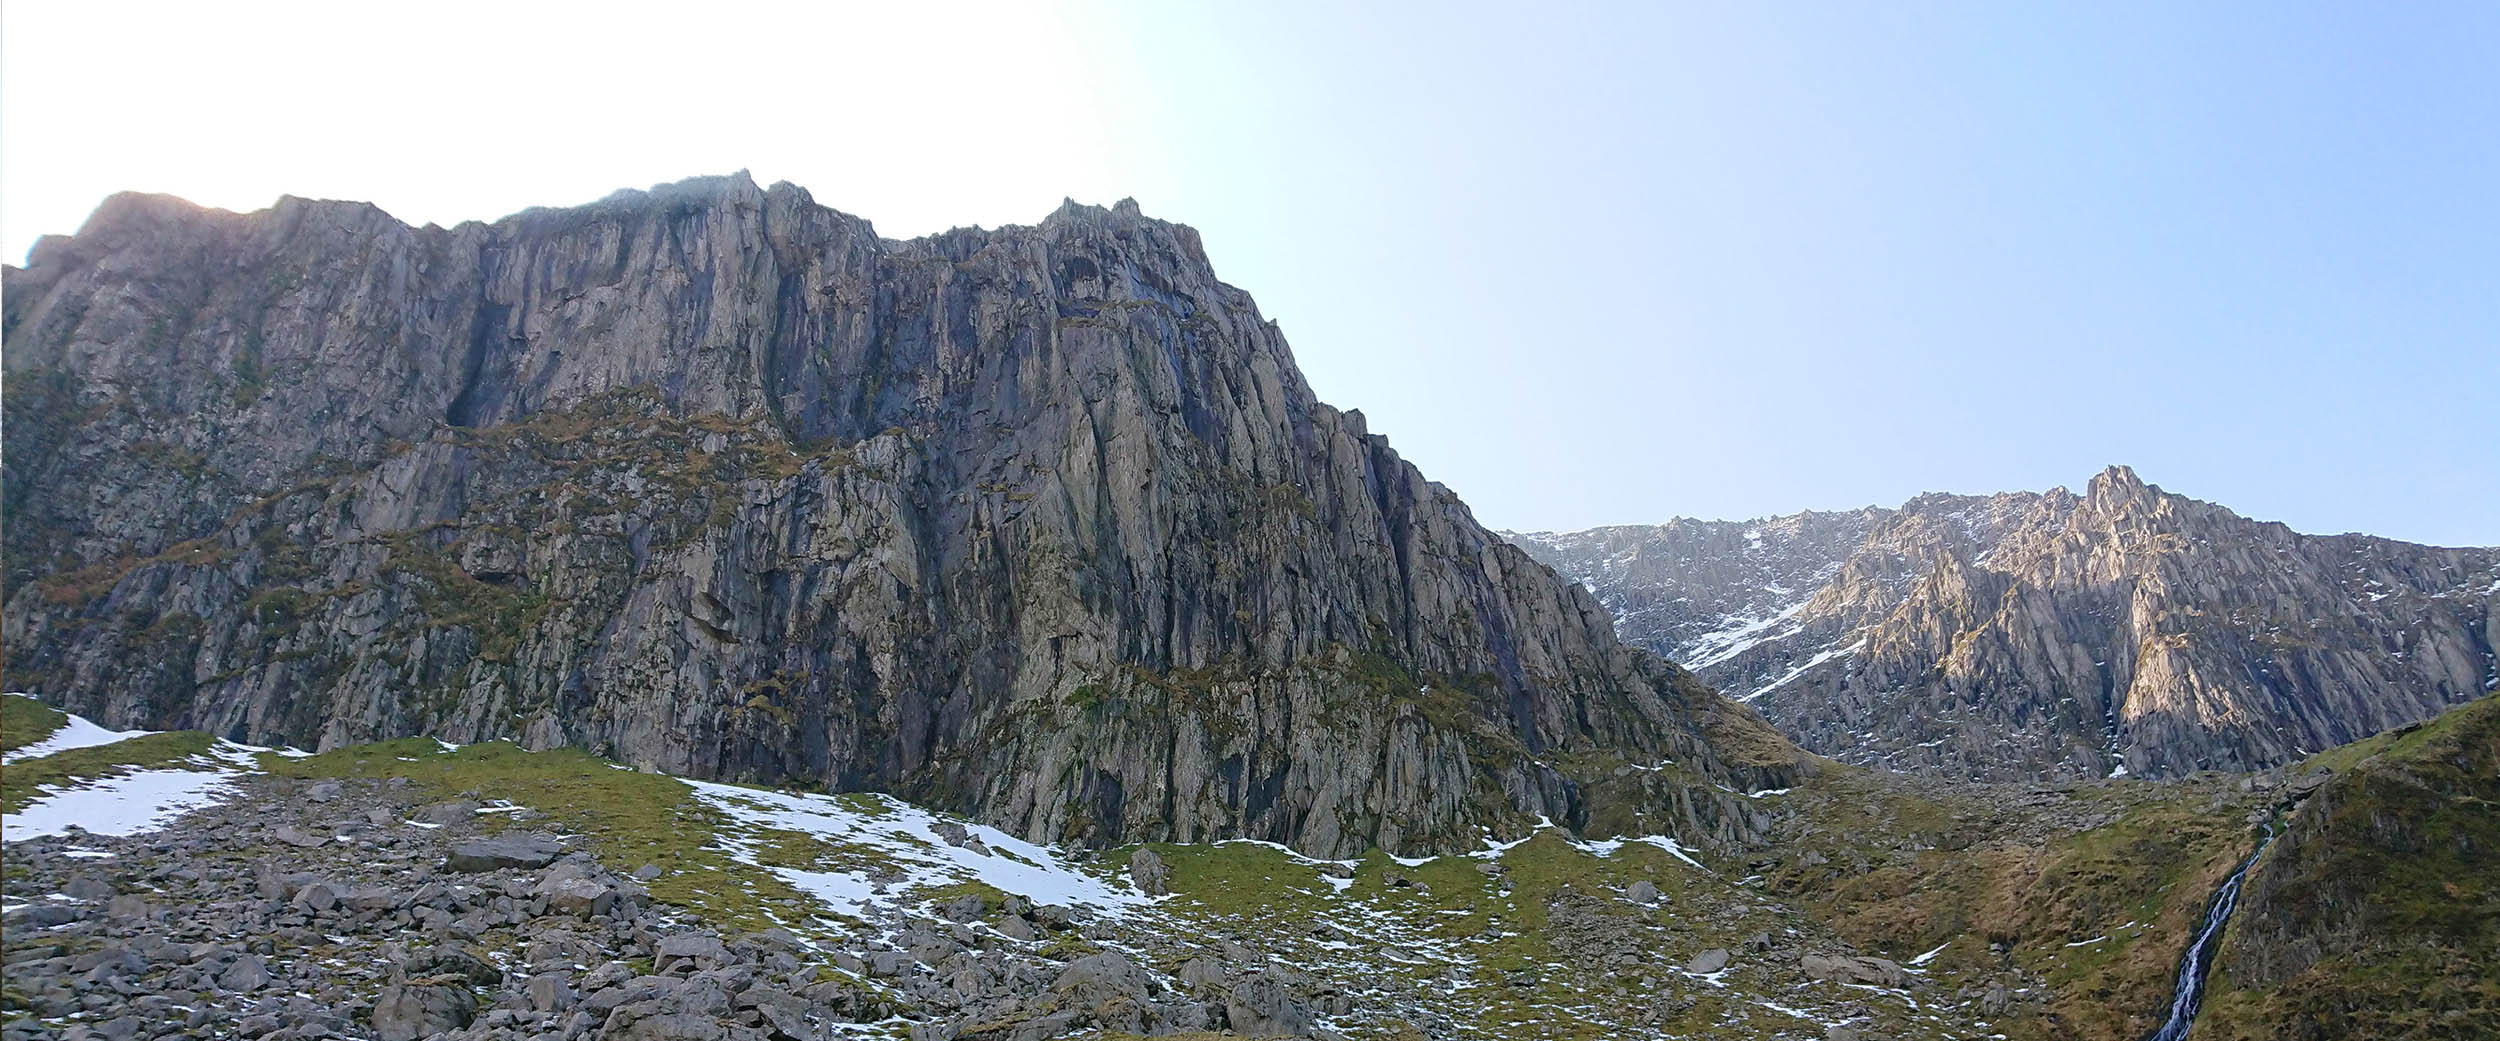 Llech Ddu, an imposing dark cliff